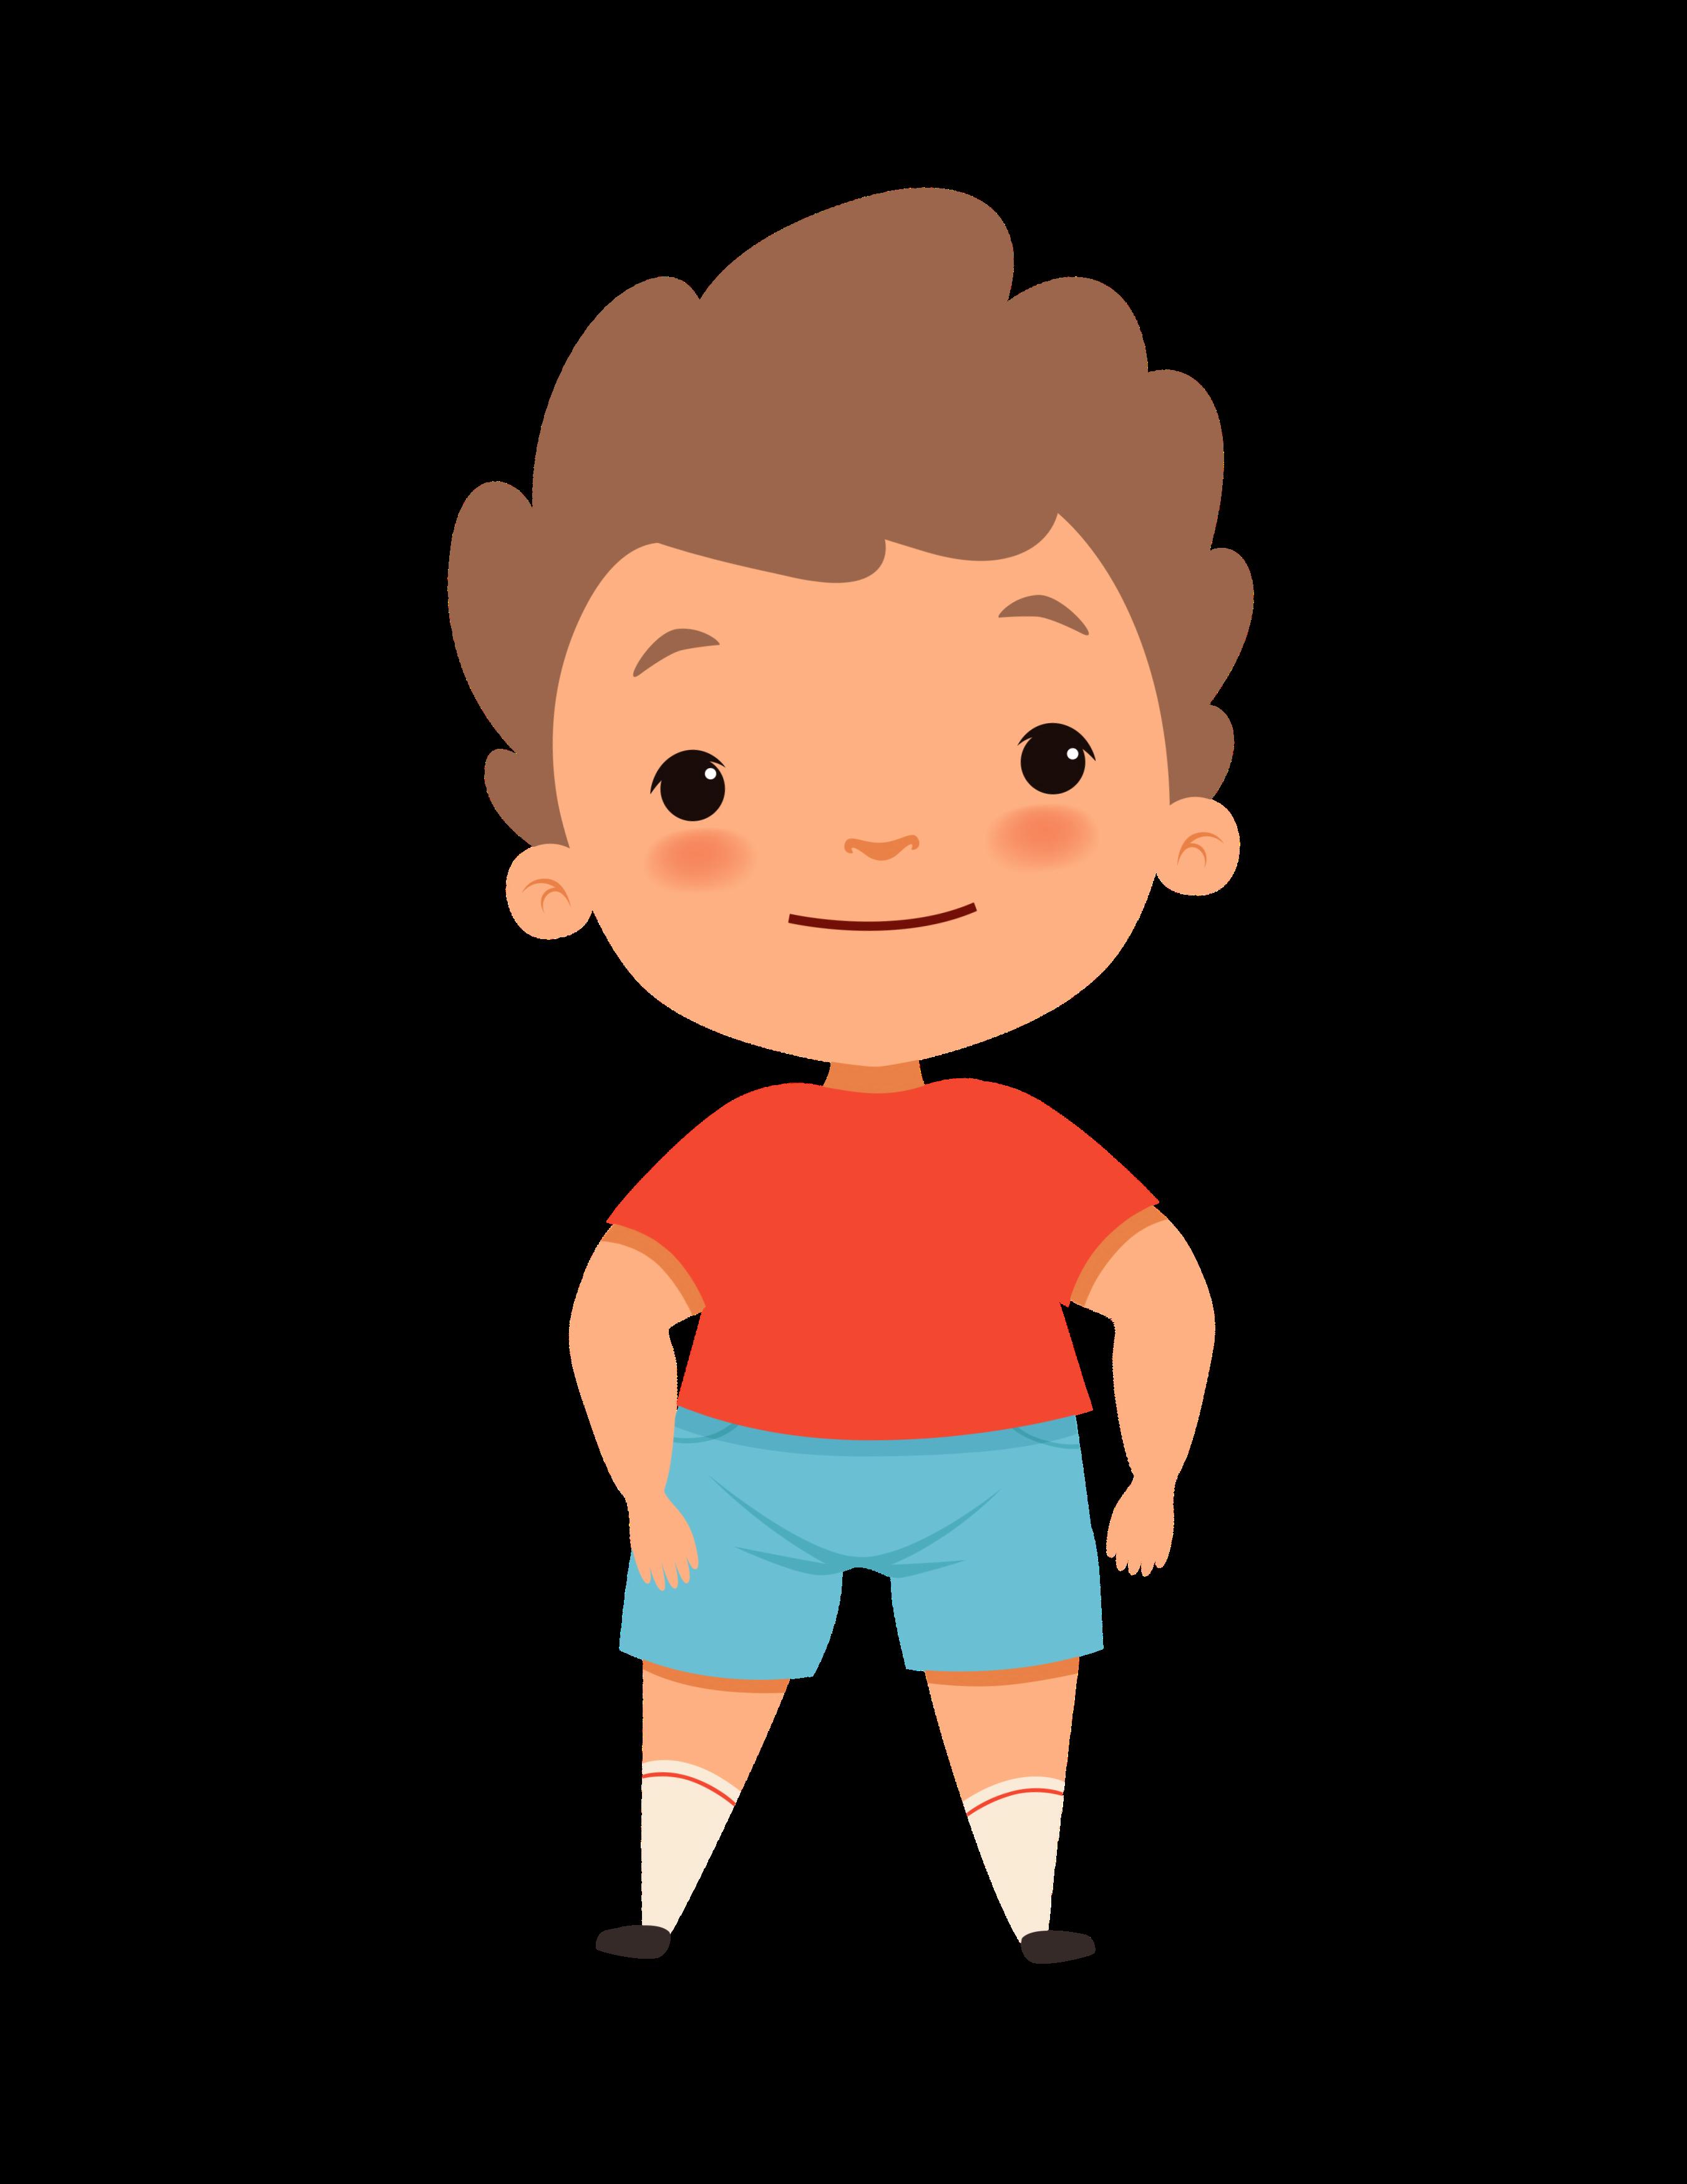 Jakob, kleiner Junge in blauer short und rotem T-shirt mit braunen Haaren